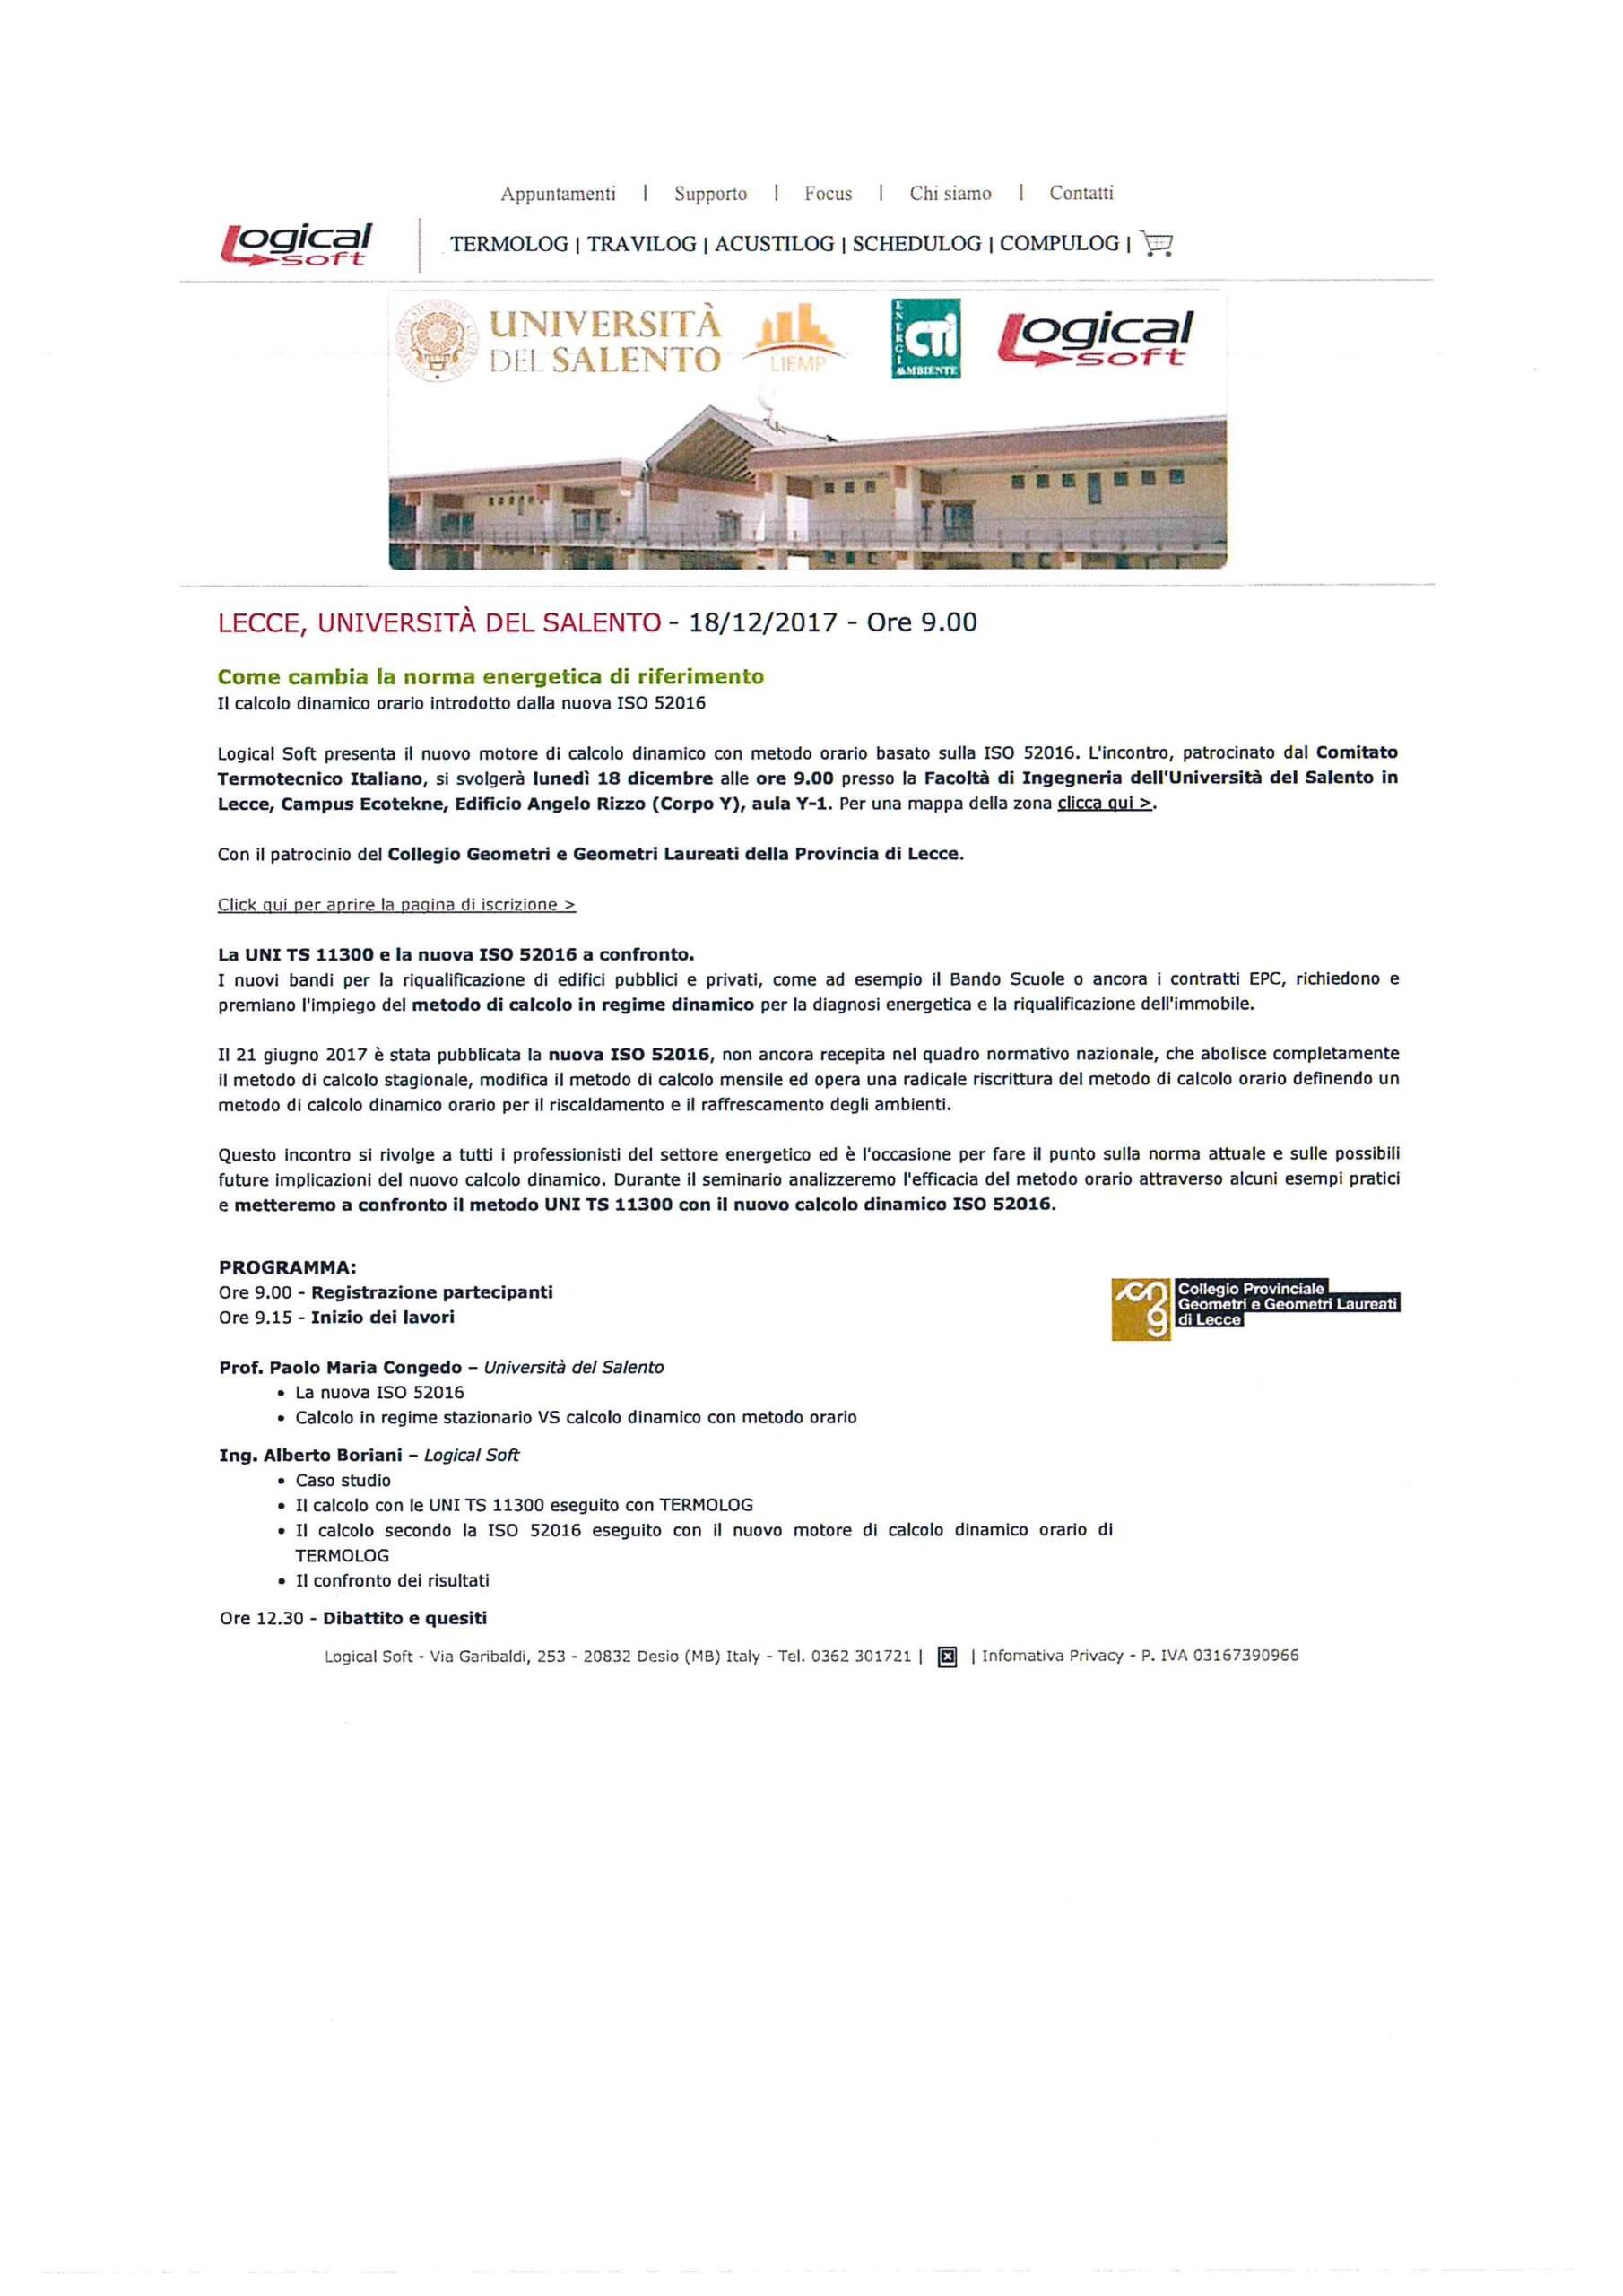 CONVEGNO TECNICO – Come cambia la norma energetica di riferimento – Il calcolo dinamico orario introdotto dalla nuova ISO 52016 – Lecce 18/12/2017